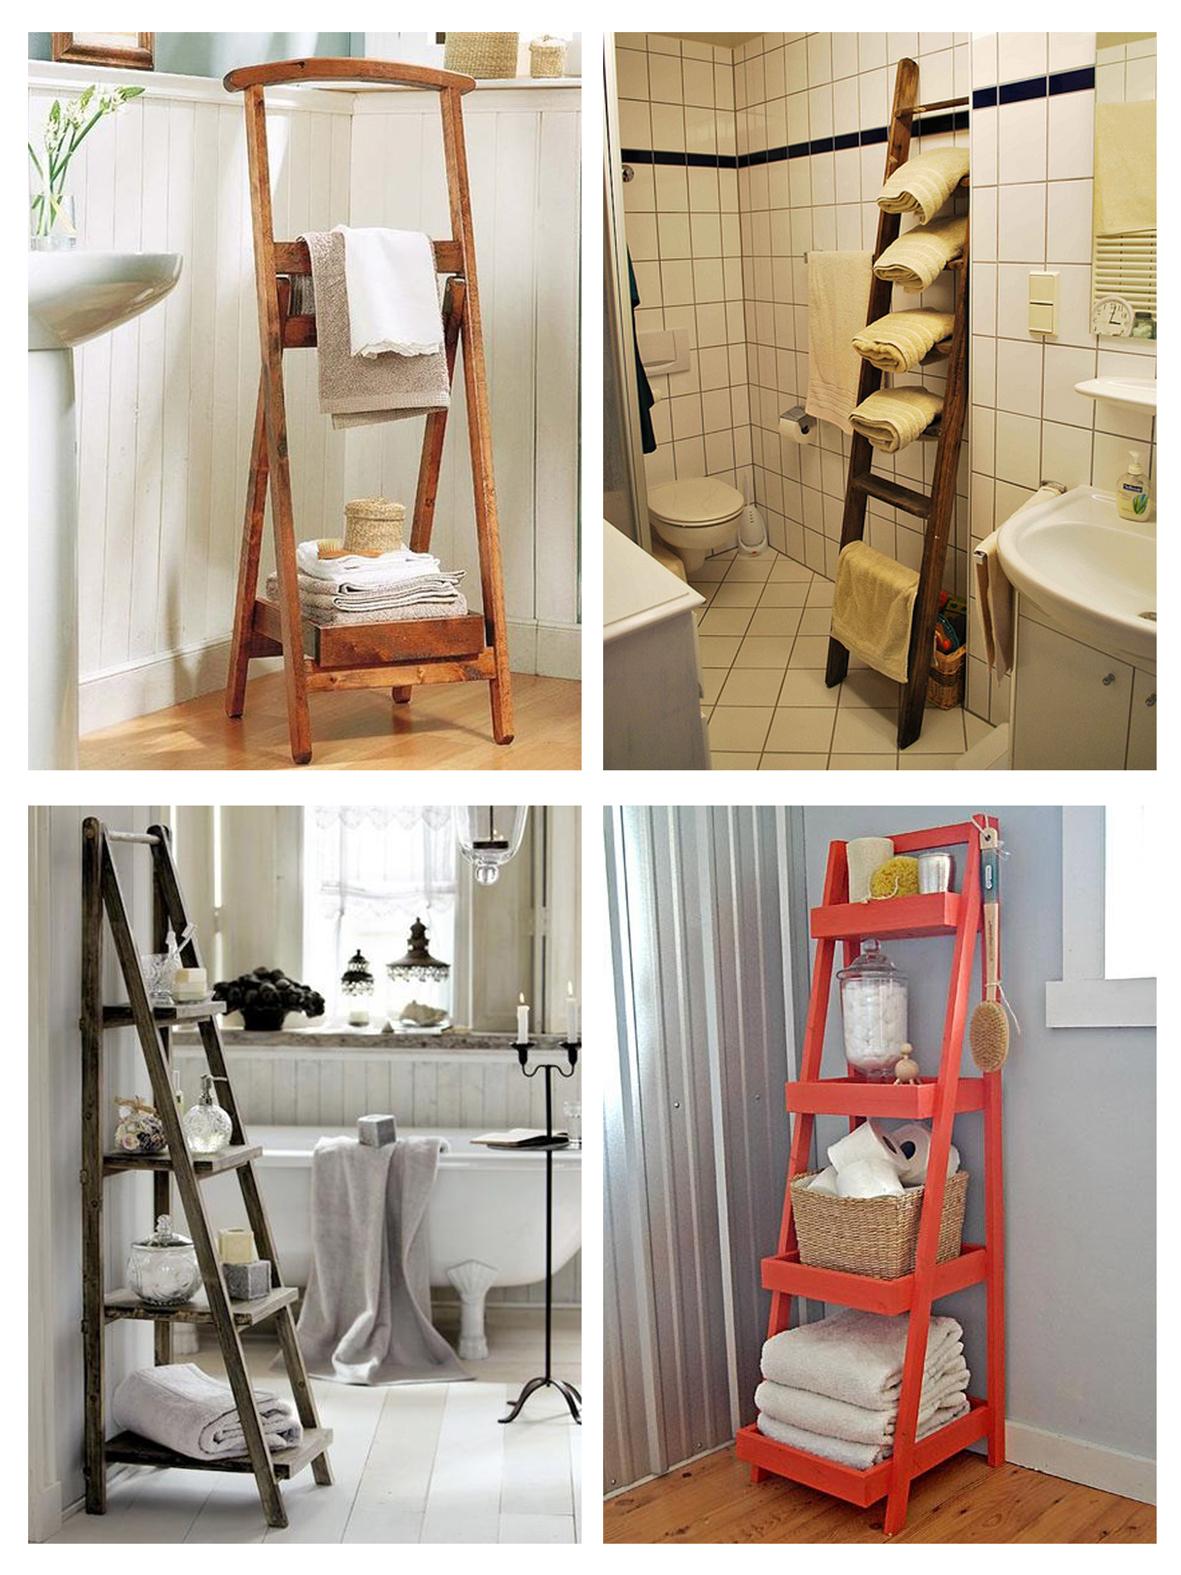 detallelogia: sin agujeros en el baño - Muebles Toalleros Para Banos